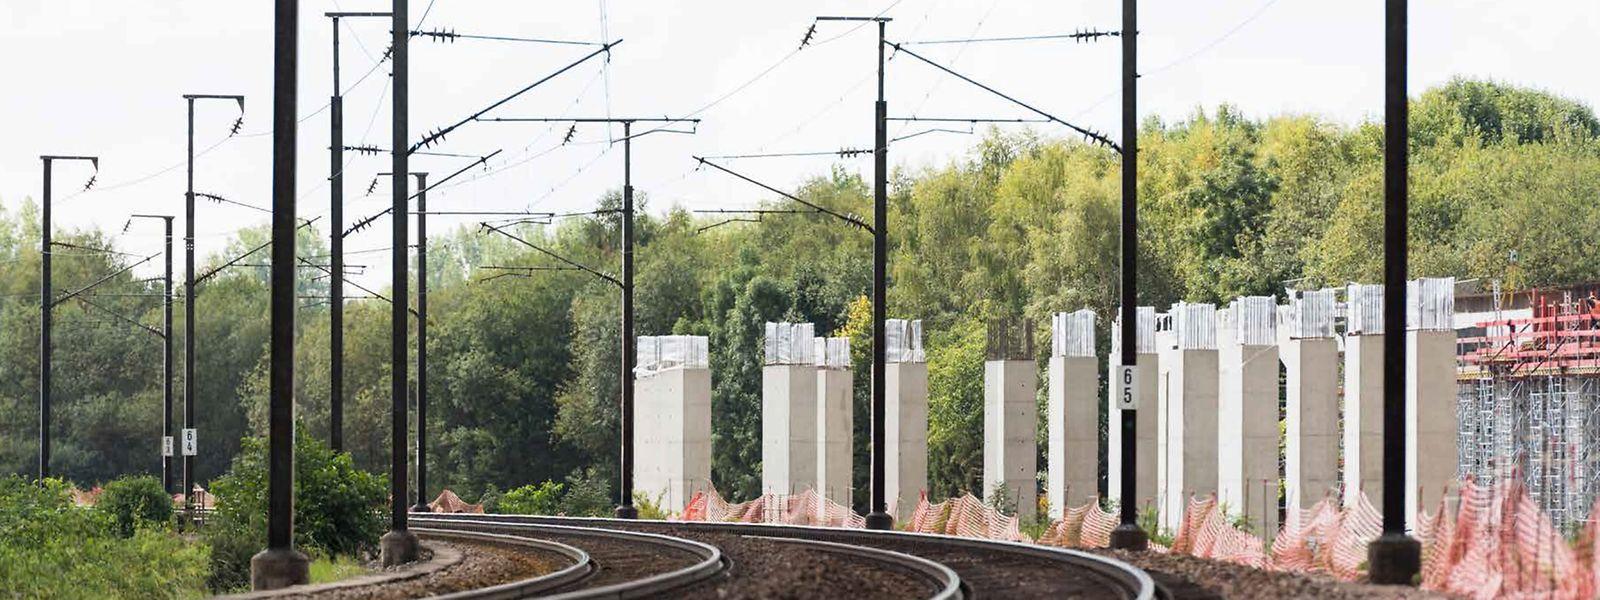 L'investissement le plus stratégique est la construction de deux voies entre Luxembourg et Bettembourg, au carrefour de tous les trains